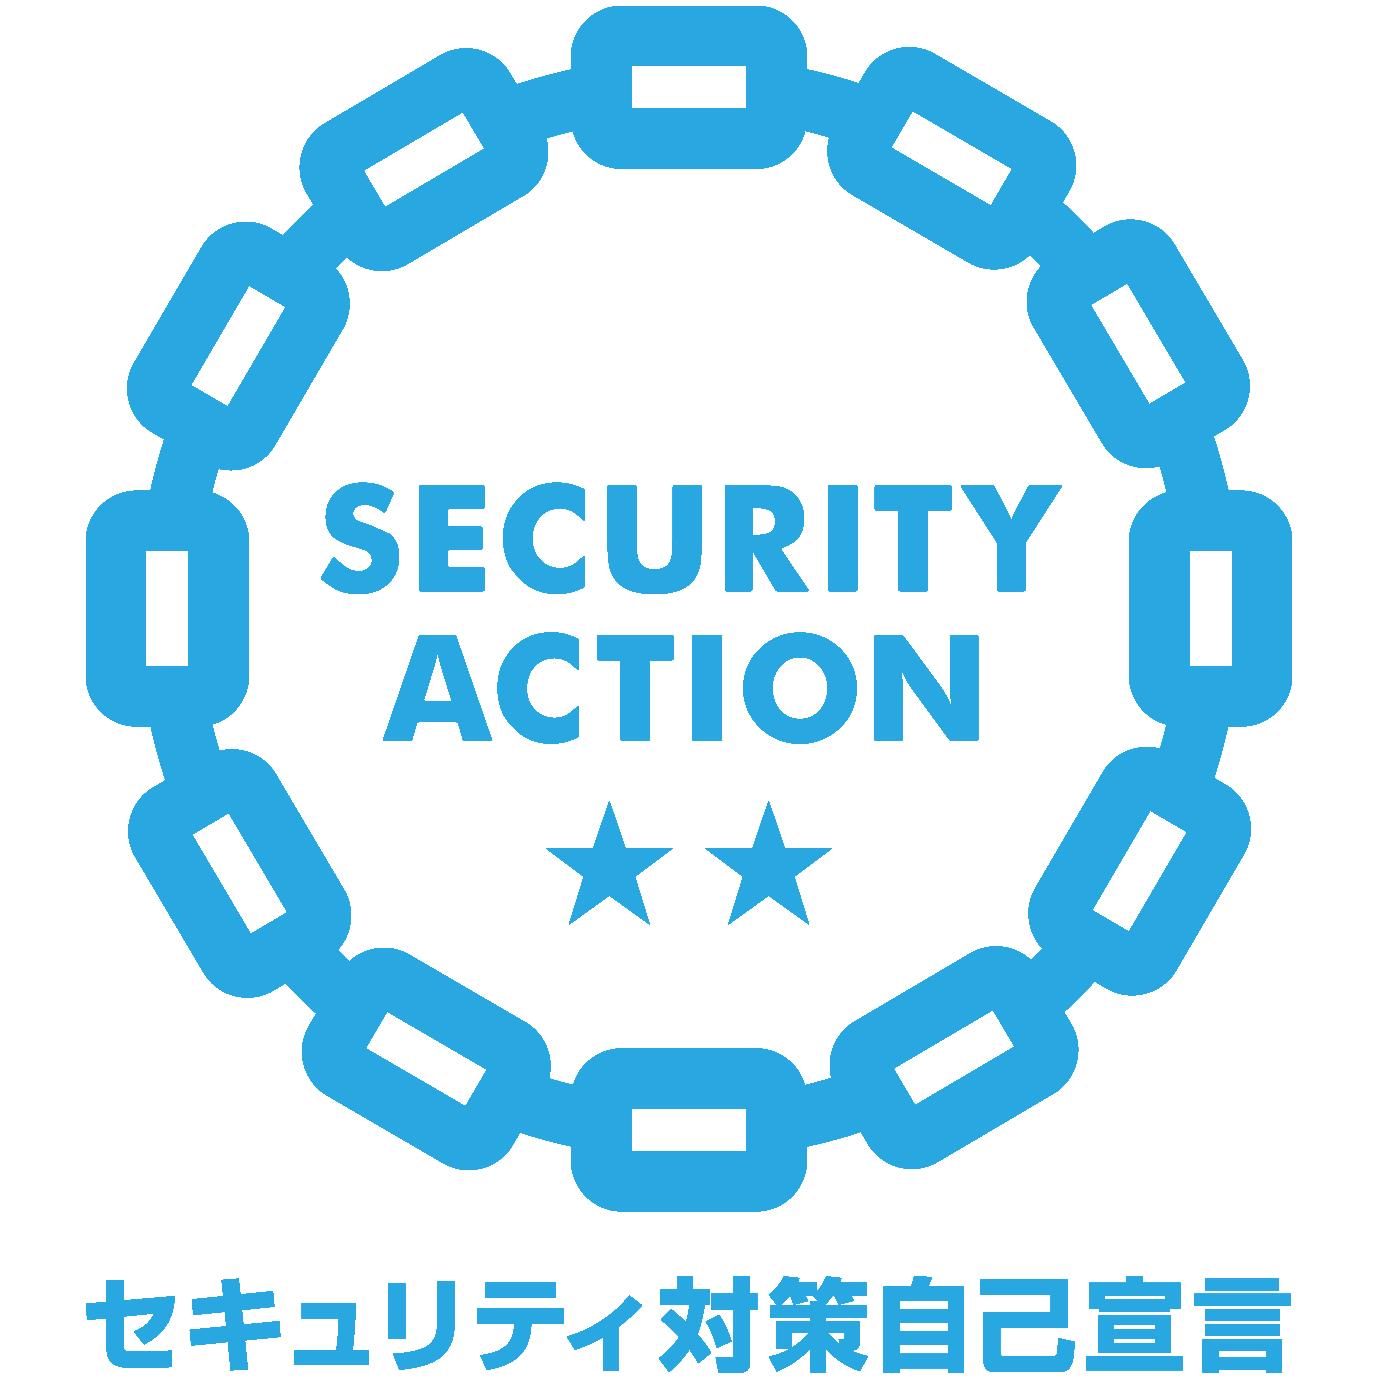 セキュリティ対策自己宣言のロゴ